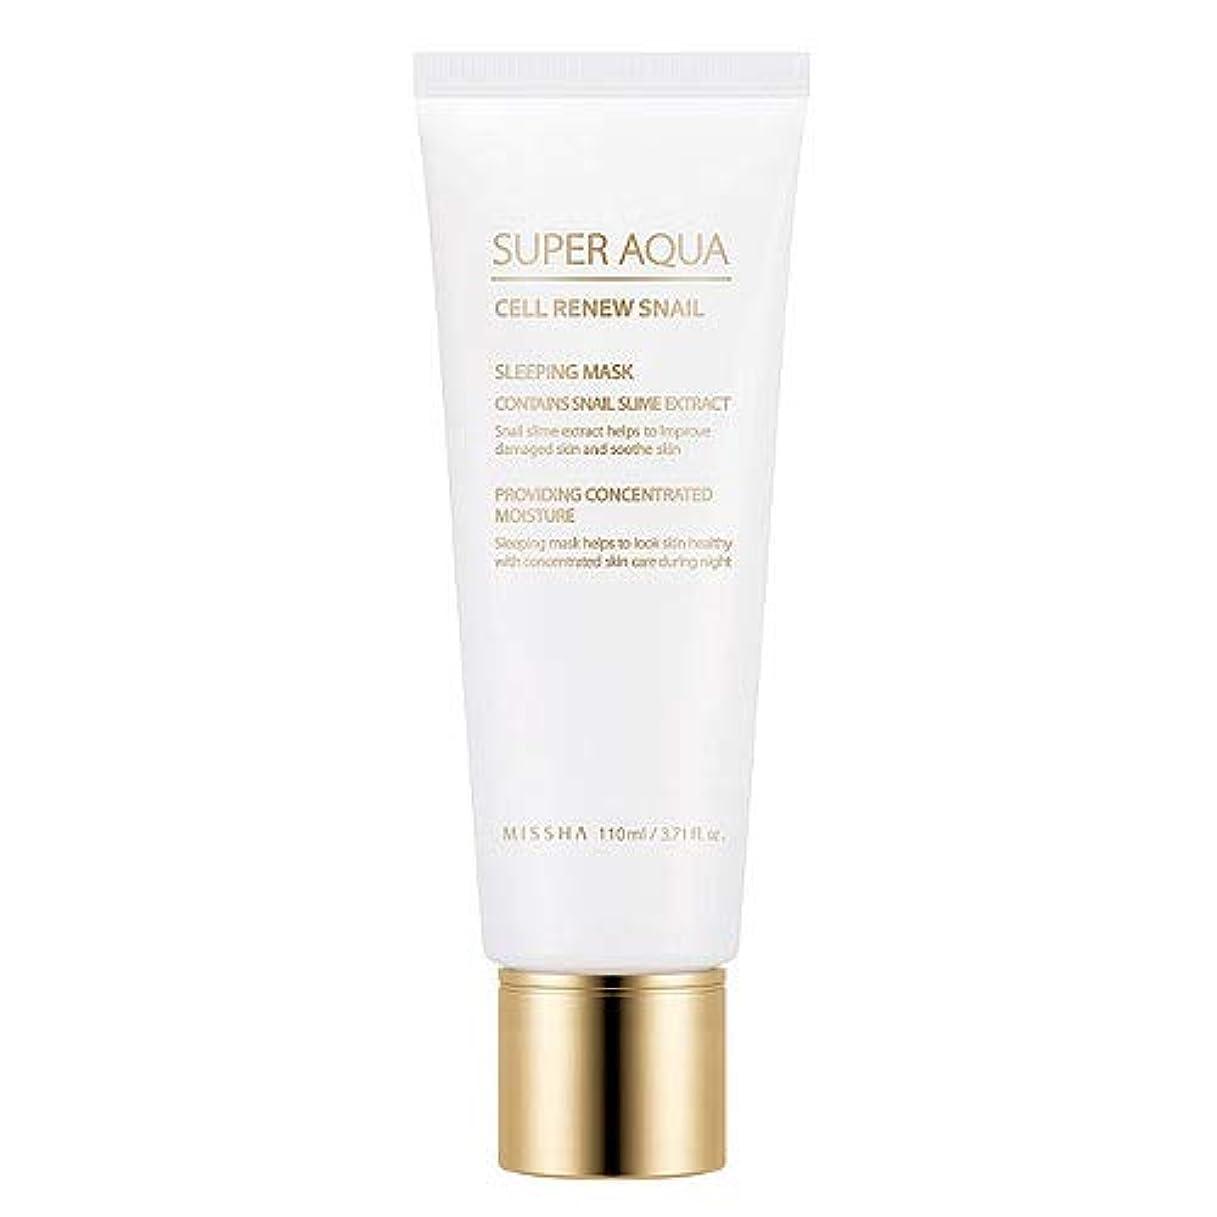 防衛わずかなカウンタ[RENEWAL] Missha Super Aqua Cell Renew Snail Sleeping Mask 110ml /ミシャ スーパーアクアセルリニュースネイルスリーピングマスク (カタツムリ) [並行輸入品]